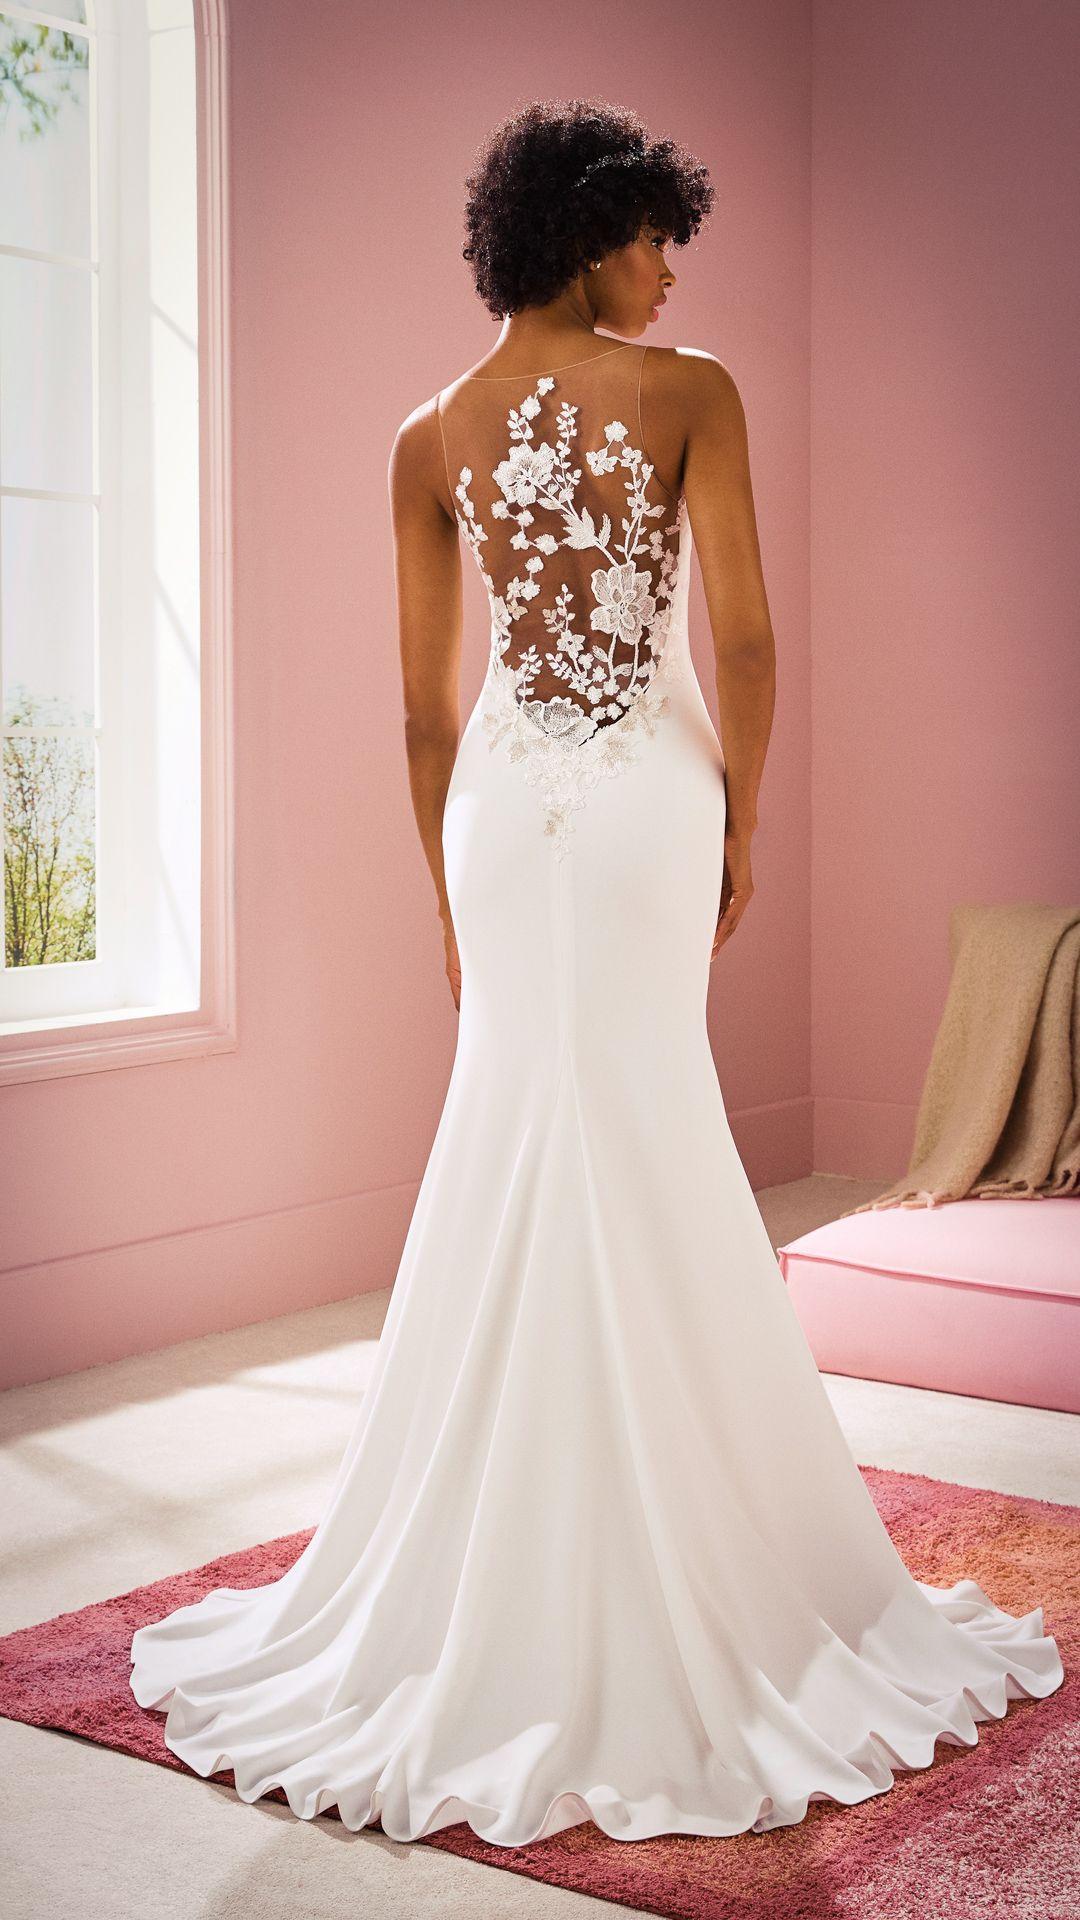 Hochzeitskleider 20 White One Kollektion Modell: AINE-C